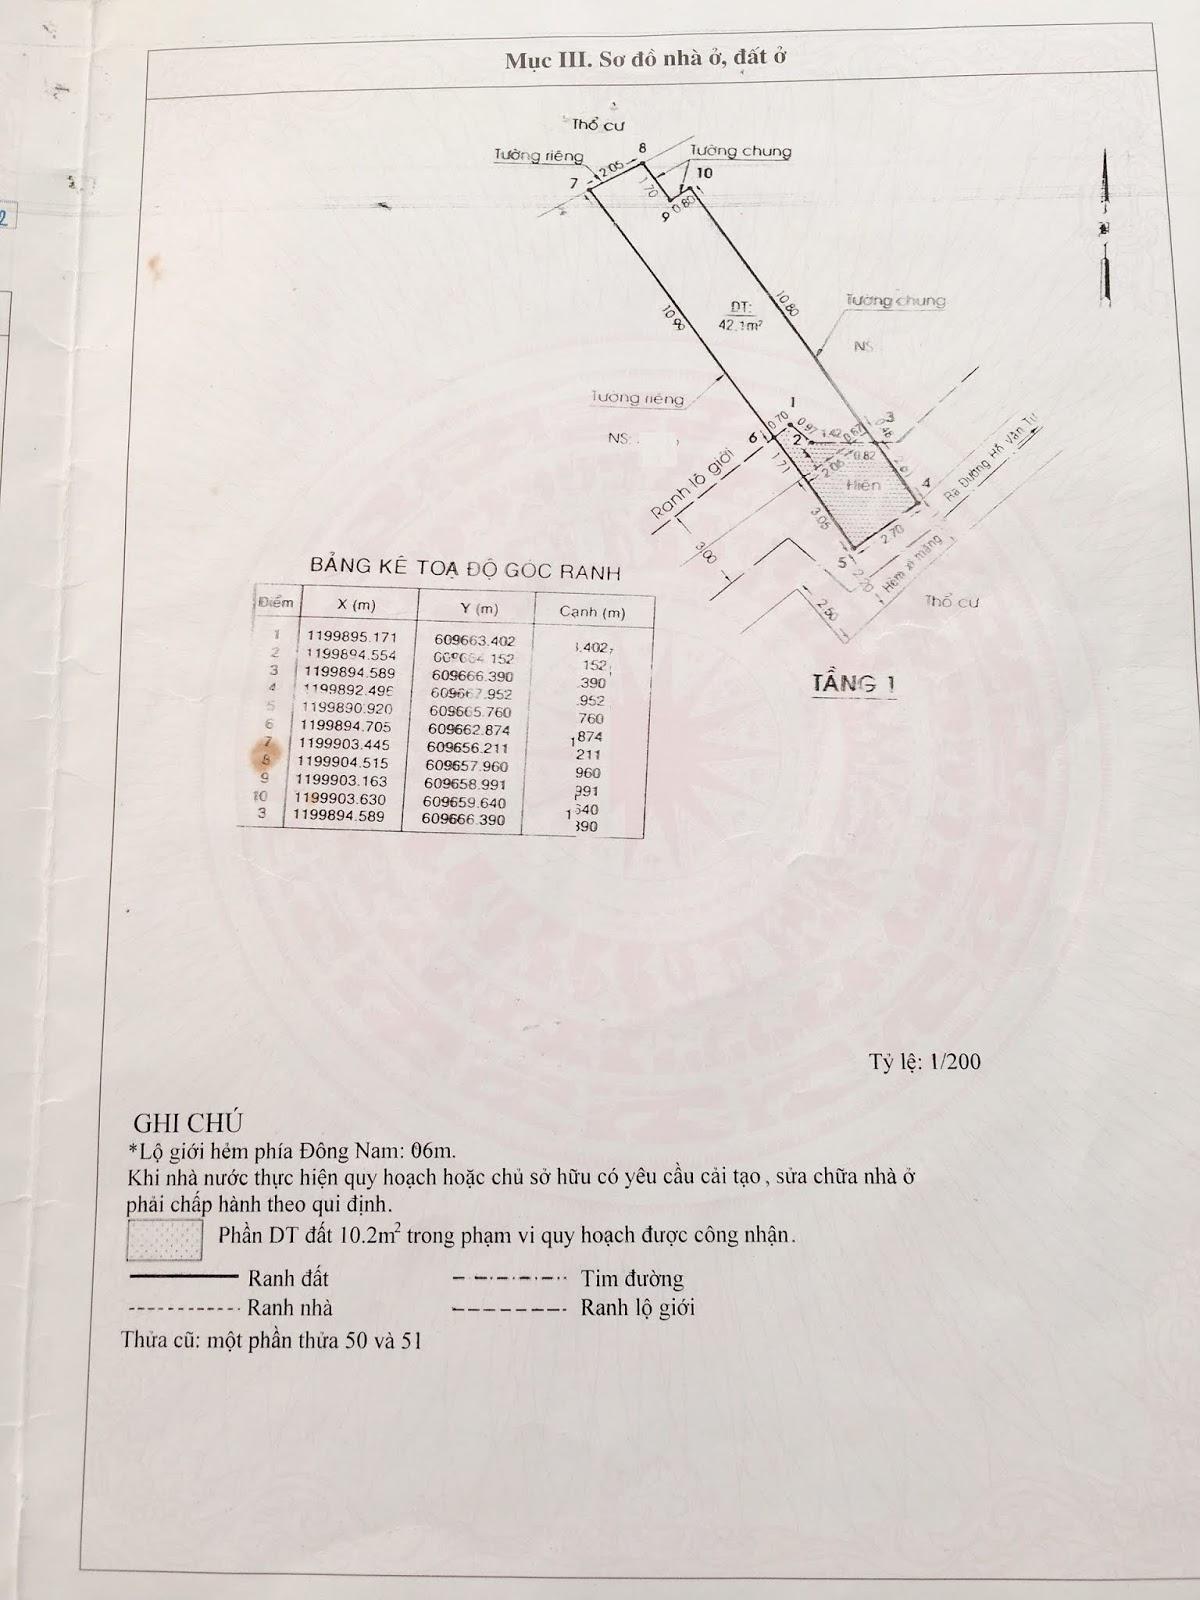 Bán nhà cấp 4 hẻm Hồ Văn Tư ngay chợ Thủ Đức, diện tích 42,1 mét vuông, giá 2,2 tỷ TL nhẹ 4